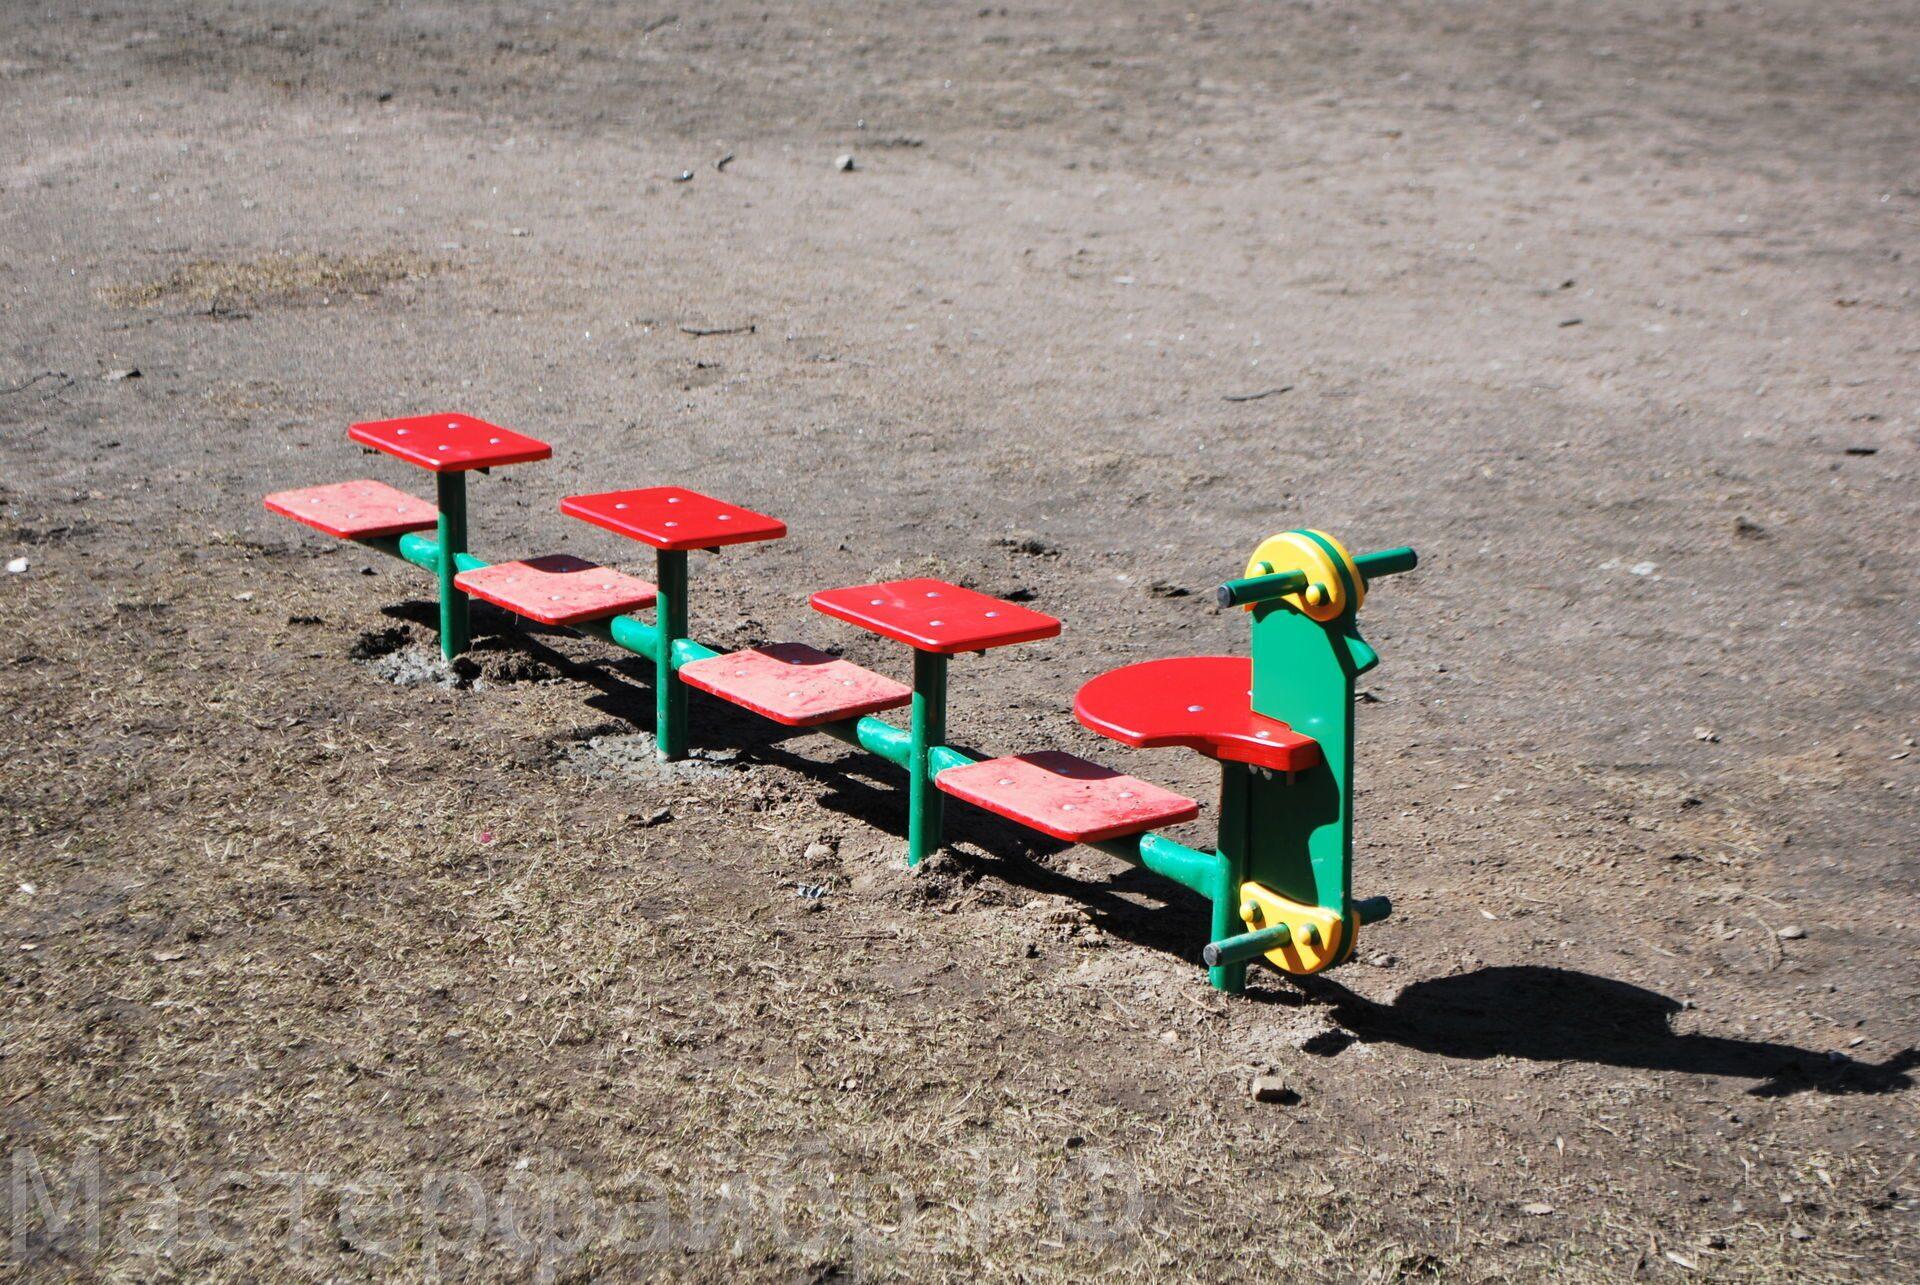 Детская площадка своими руками. Идеи для детской площадки 60